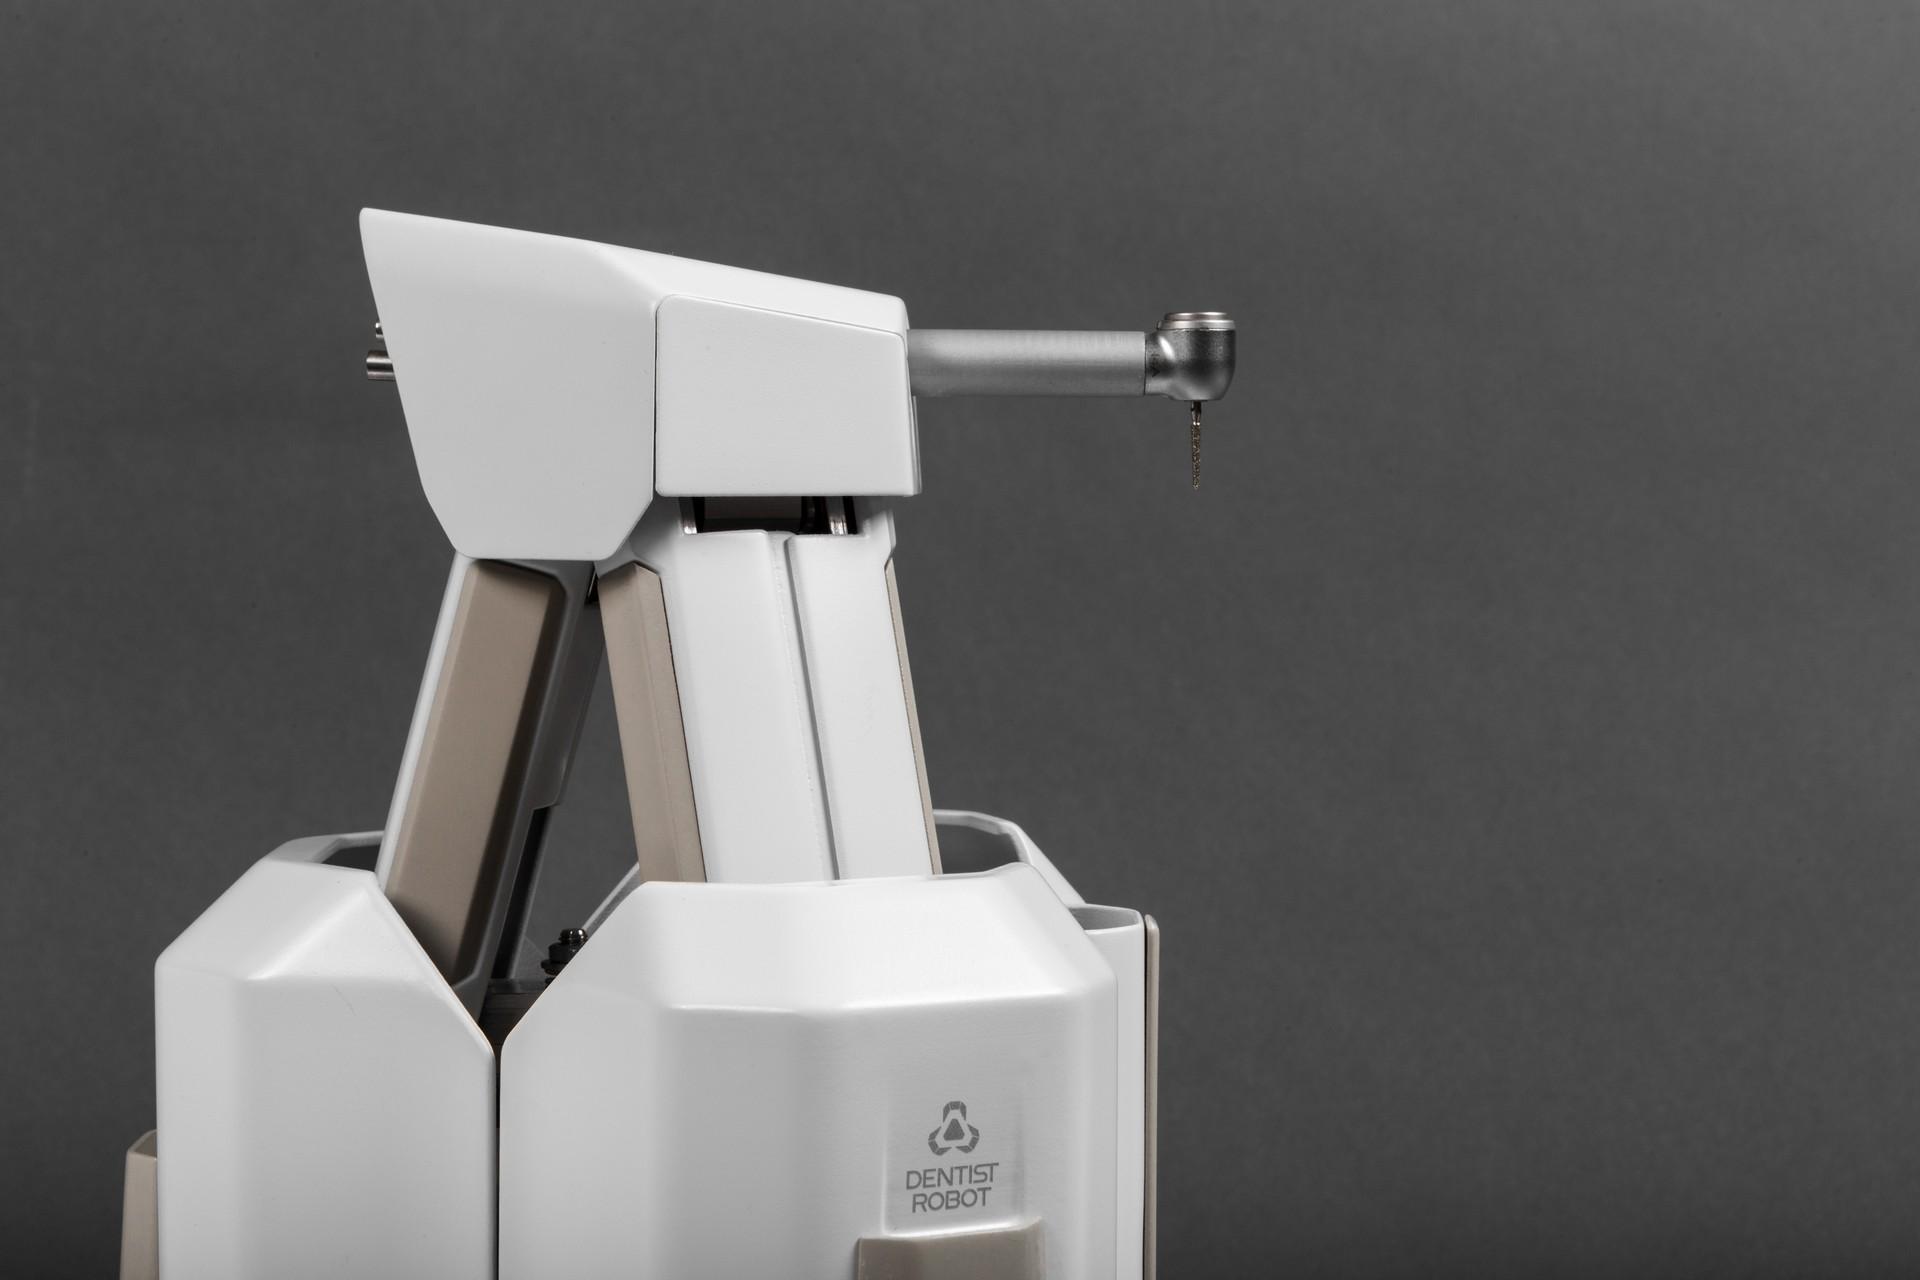 dentist_robot_remion_design_budapest_10